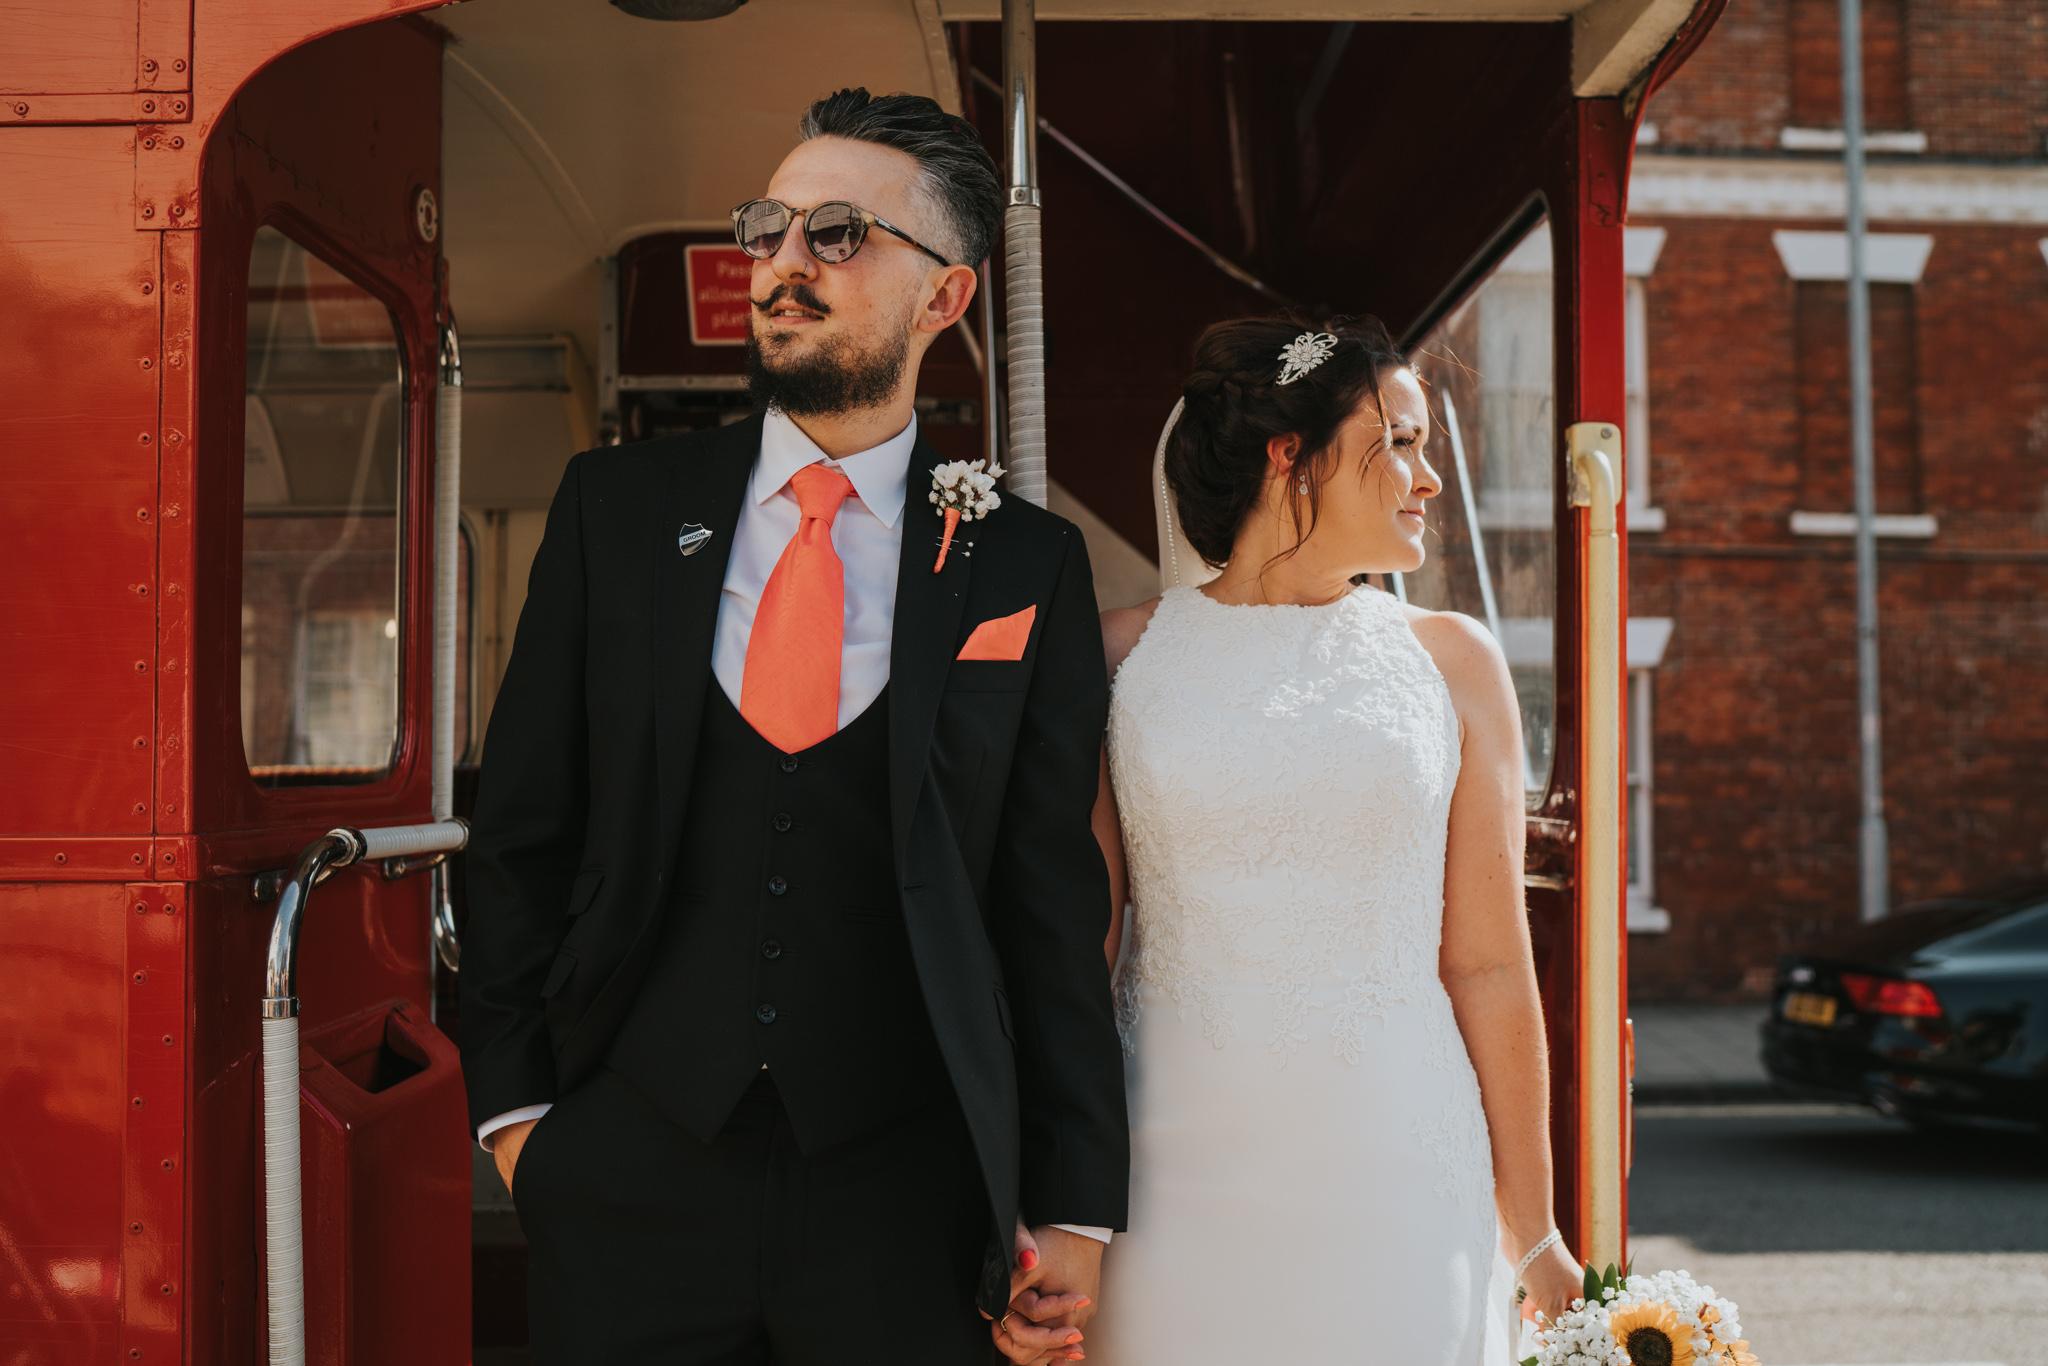 Joe-Tiffany-Colchester-Castle-Wedding-Essex-Grace-Elizabeth-Colchester-Essex-Alternative-Wedding-Photographer-Suffolk-Norfolk-Devon (66 of 122).jpg